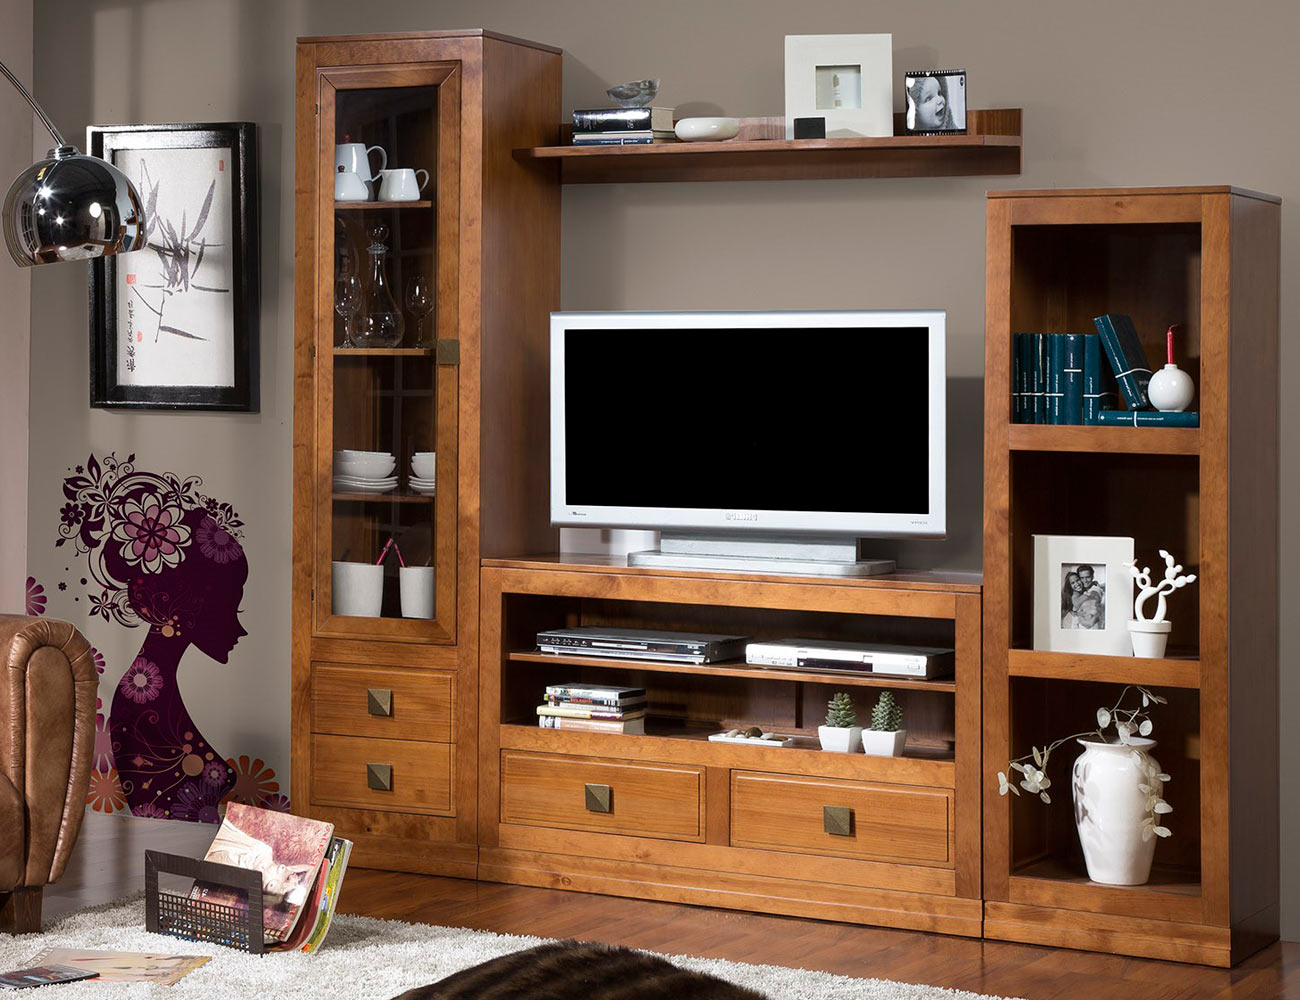 Composicion55 mueble salon comedor vitrina librero